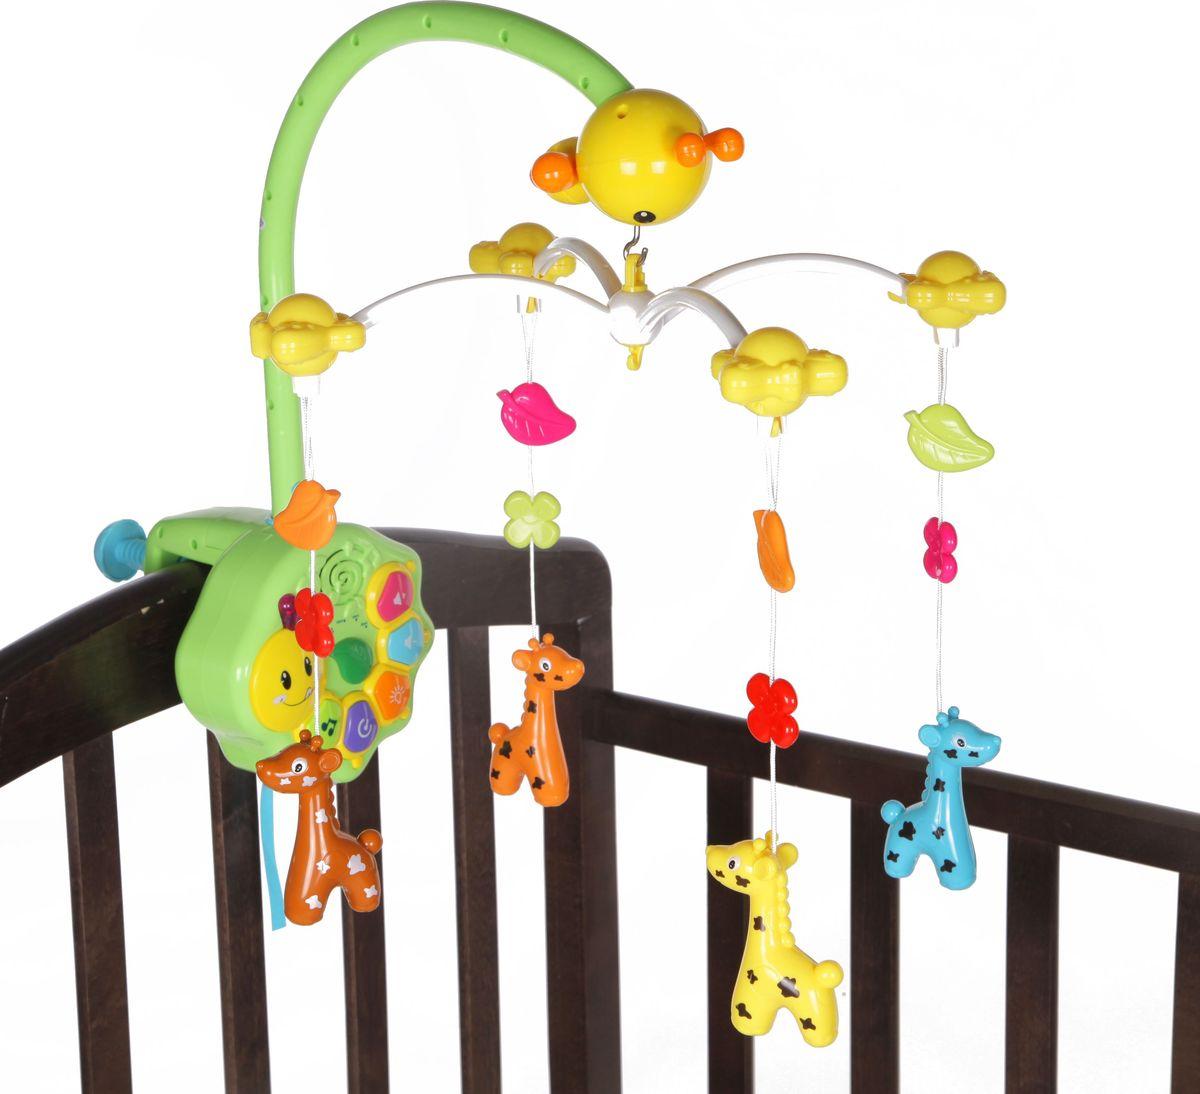 Bairun Мобиль Музыкальная карусель Y360688 - Игрушки для малышей